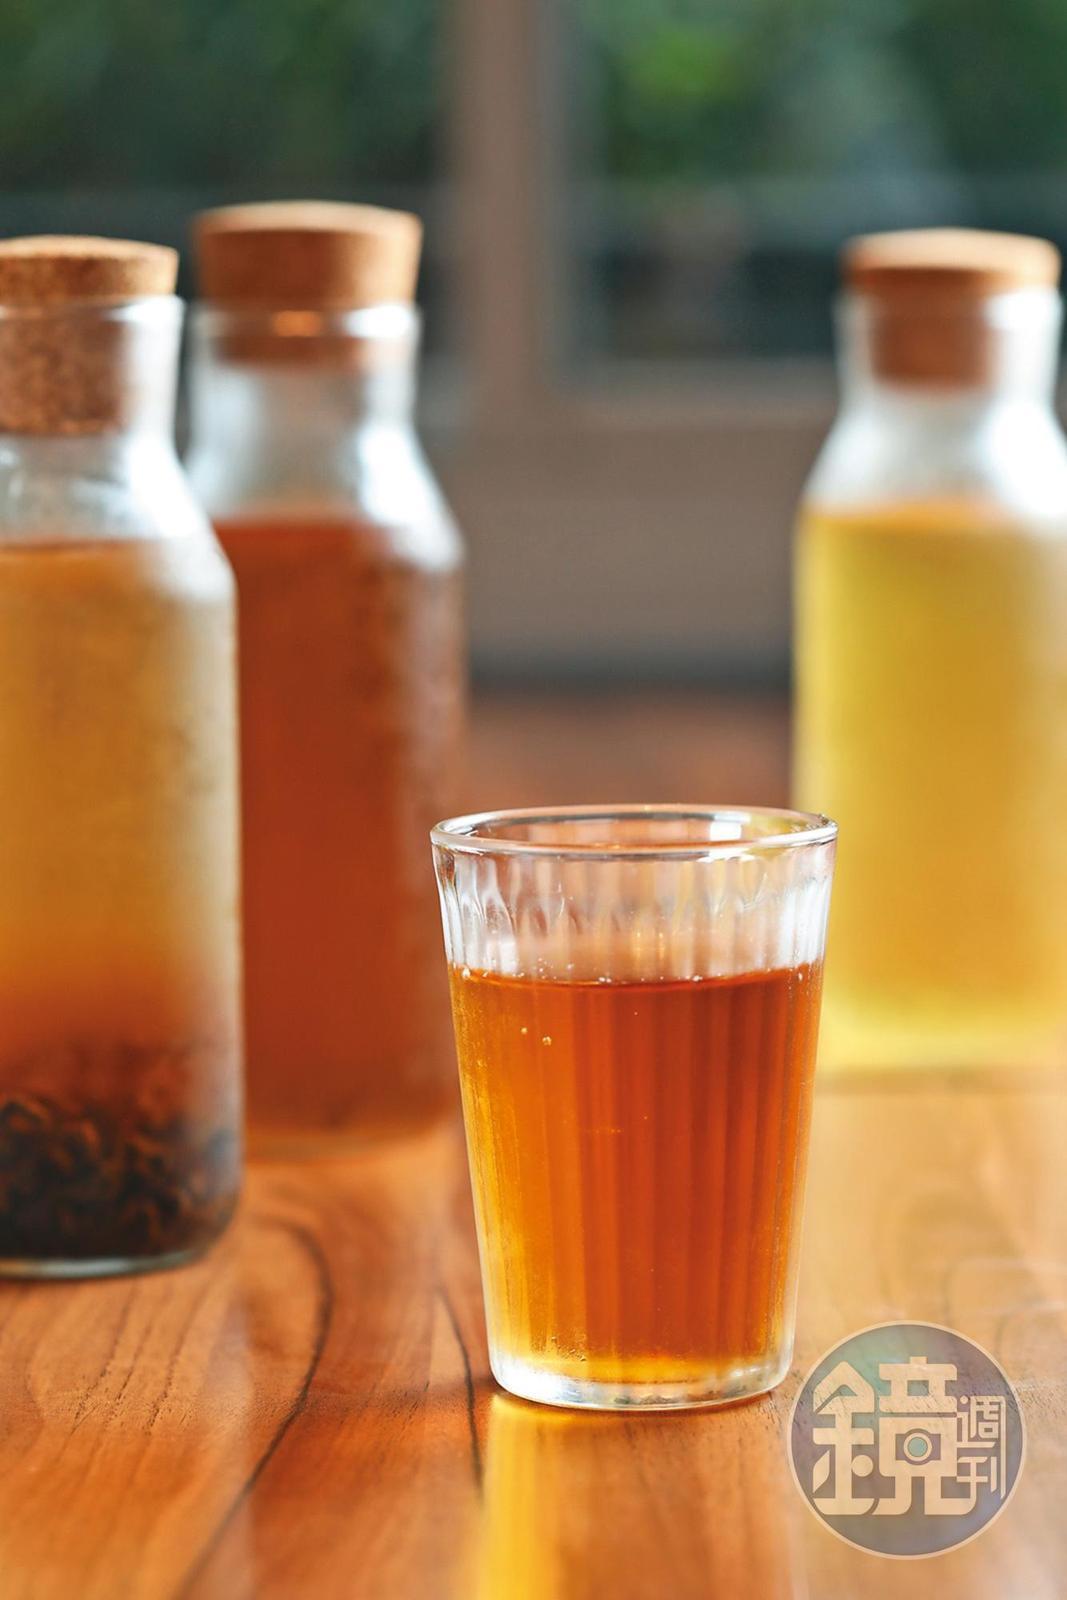 針對年輕人喜好研製的「冷泡茶」,仍保留茶香滋味。(130元/瓶)